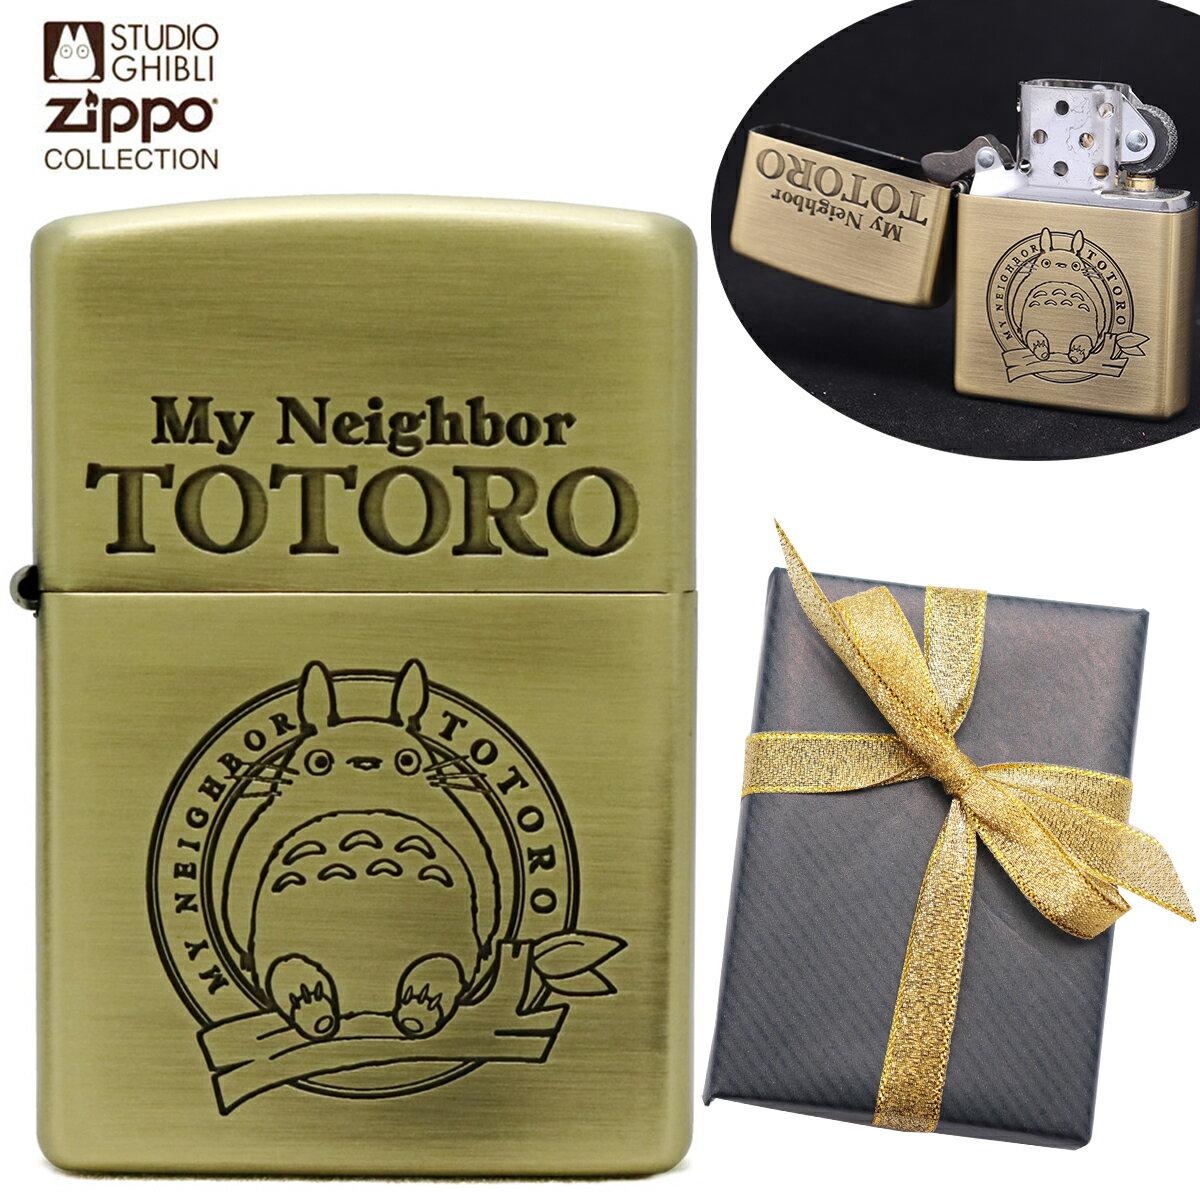 【送料無料】となりのトトロ ZIPPOコレクション トトロ NZ-03 スタジオジブリ ジッポ オイル ライター 喫煙具 <お誕生日 プレゼント> おしゃれ かっこいい 父の日 ギフト